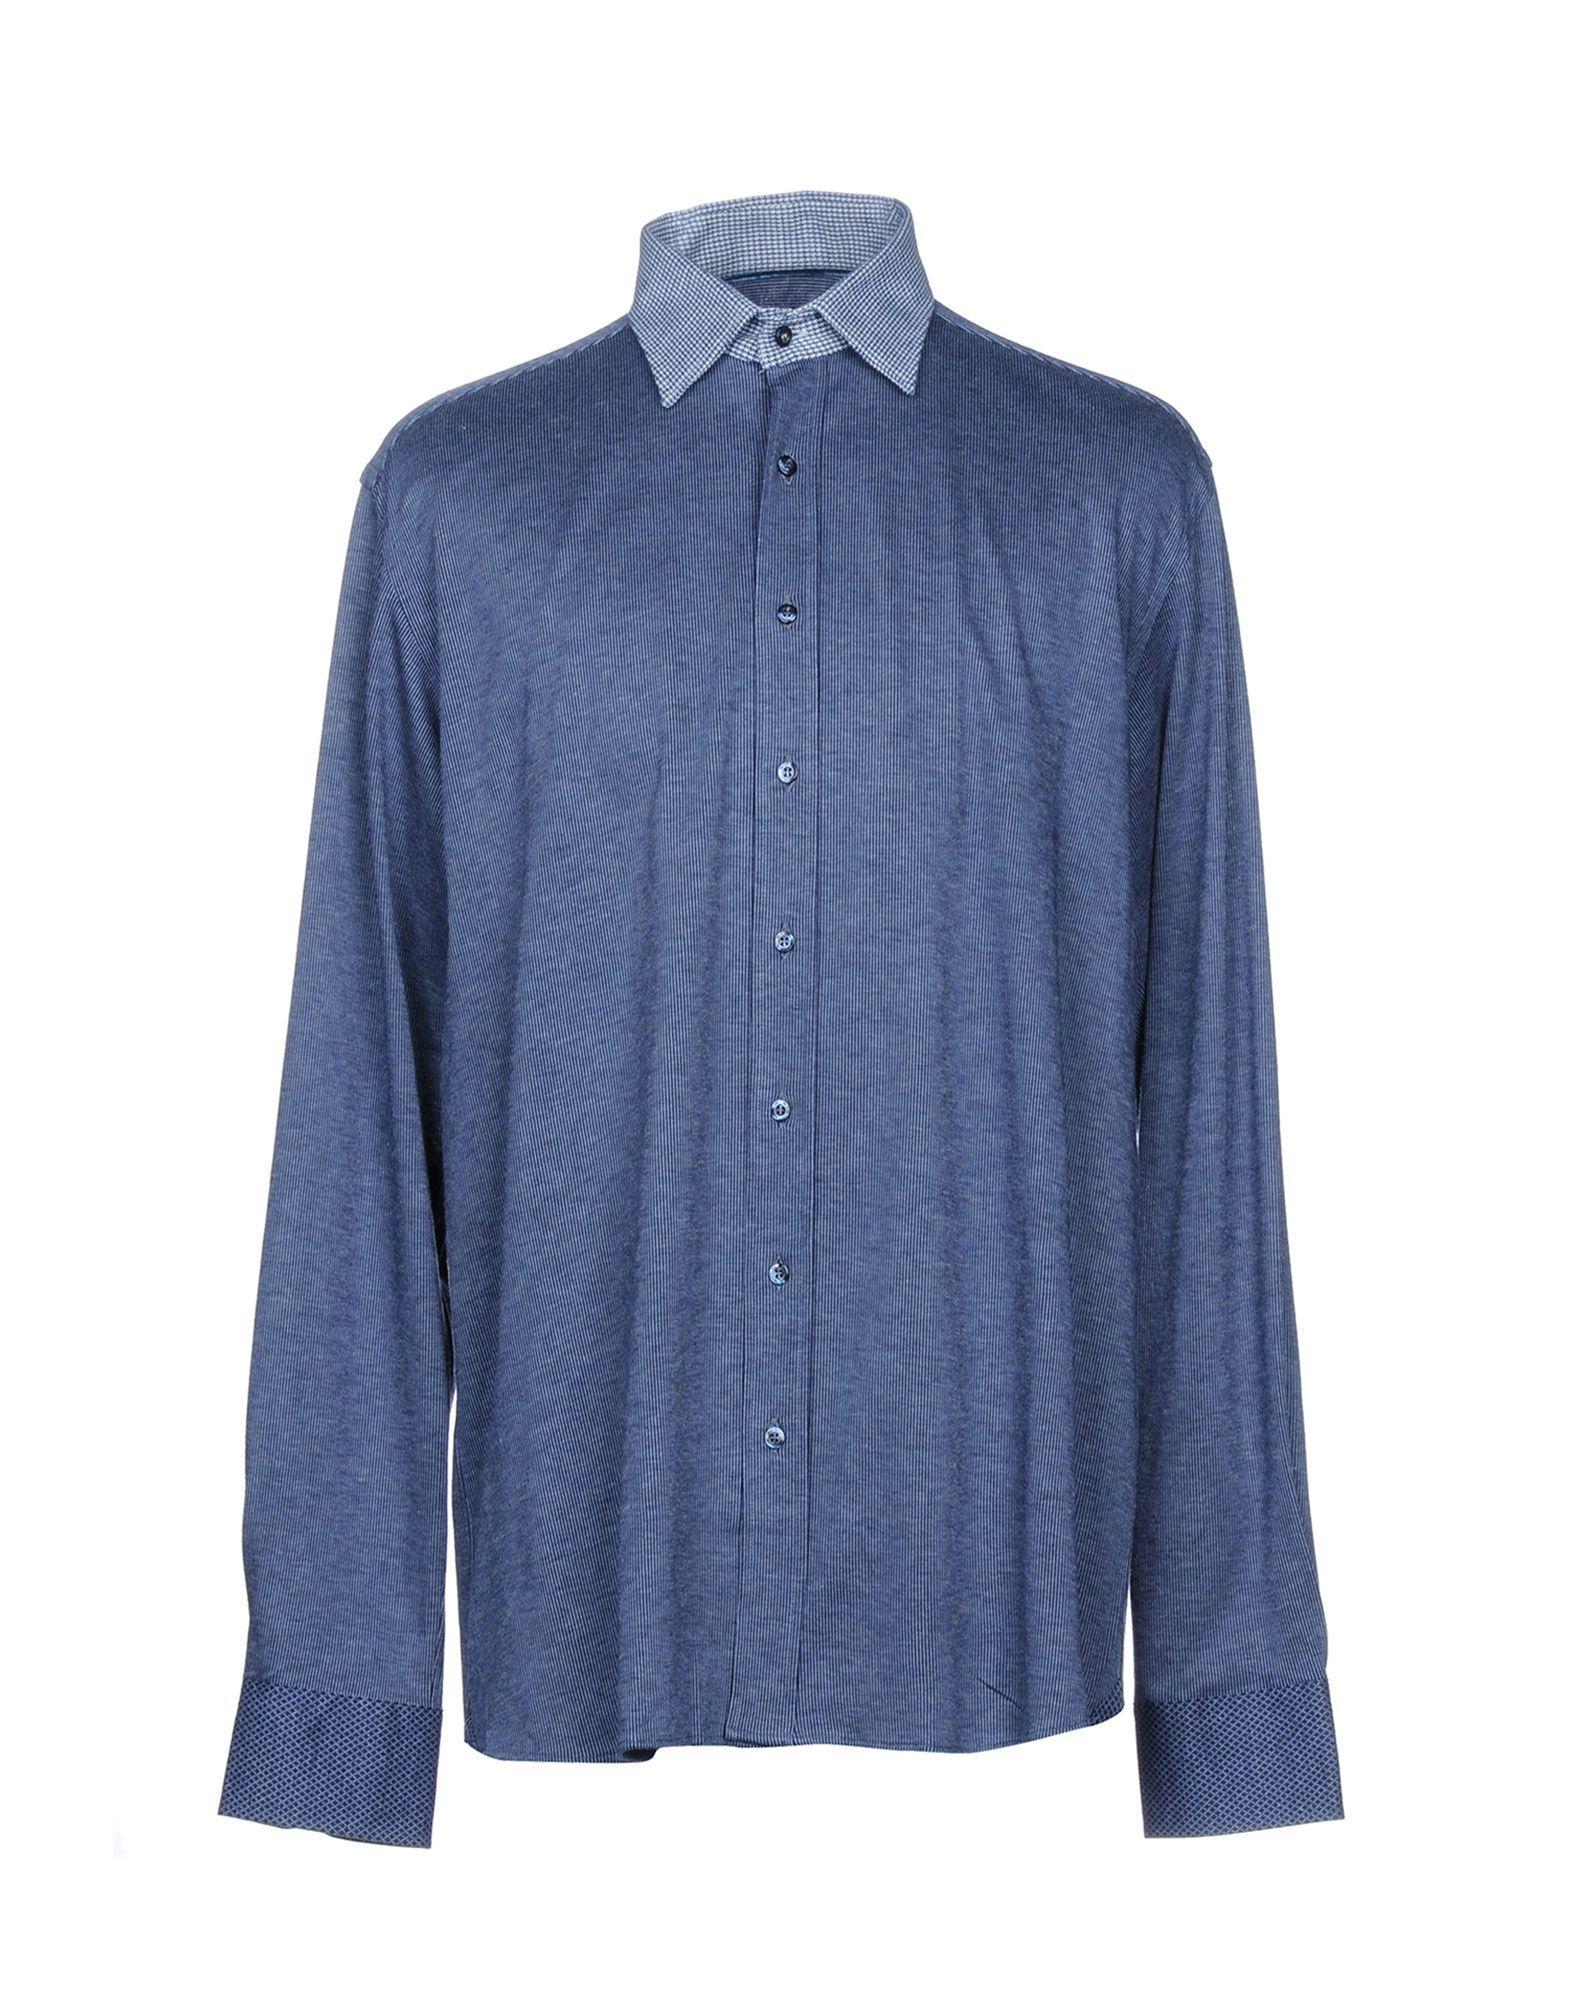 Etro Striped Shirt In Dark Blue